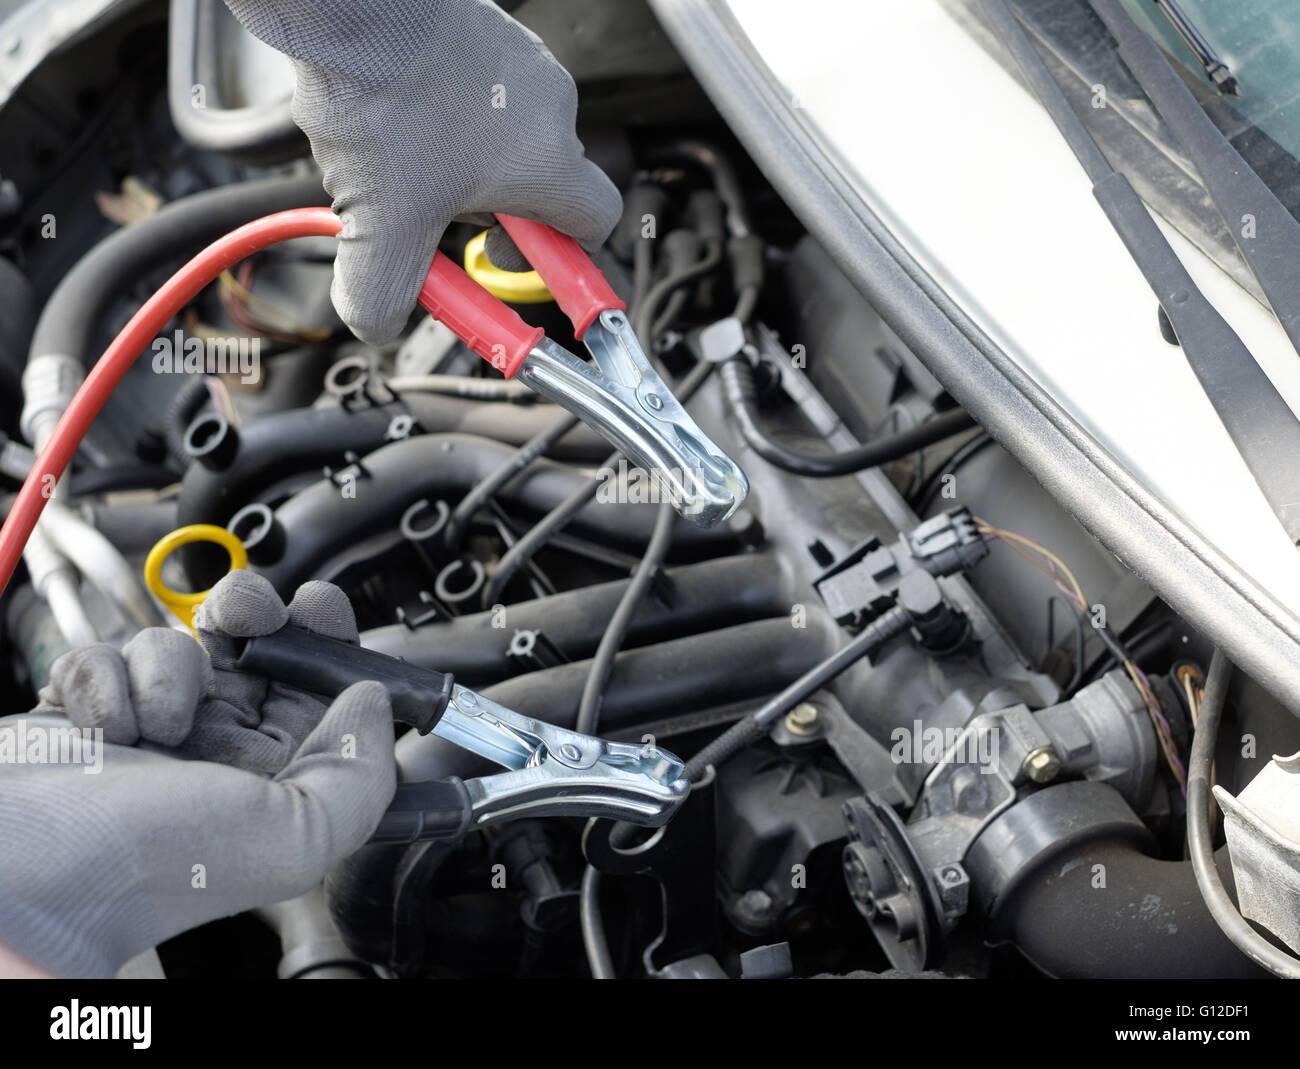 Mechaniker arbeiten an einem Automotor mit elektrischen Kabeln Stockbild